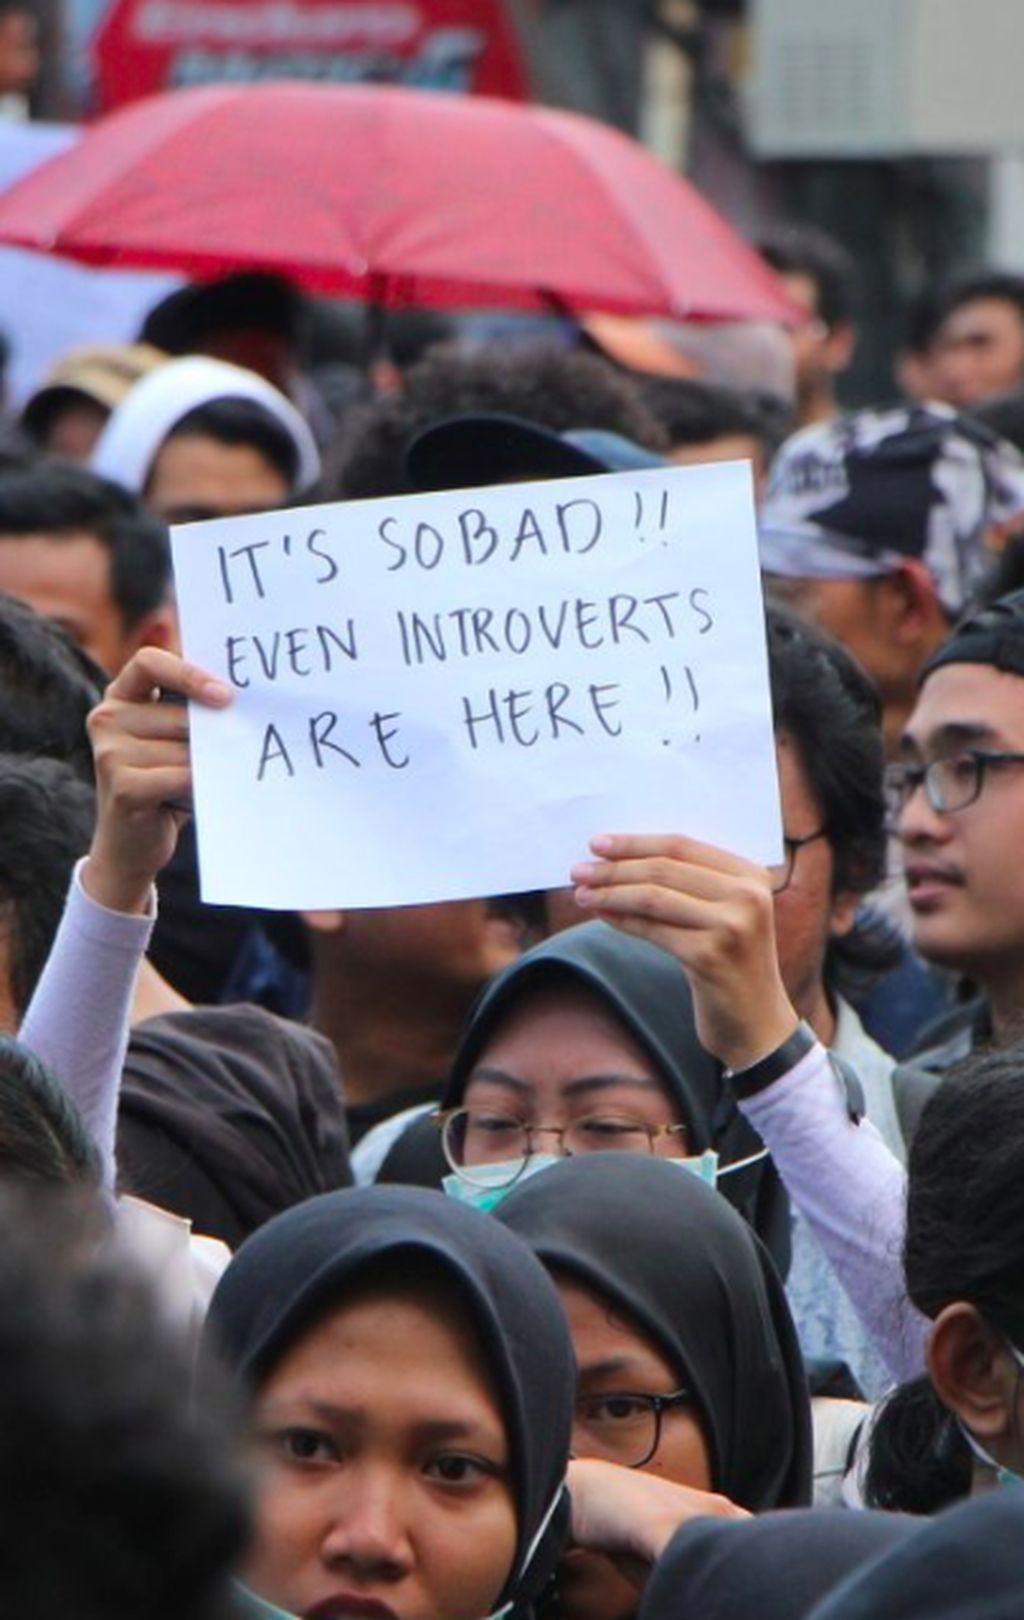 Situasi yang buruk sampai memaksa seorang introvert ikut berdemo turun ke jalan. Foto: via Twitter @yeahmahasiswa